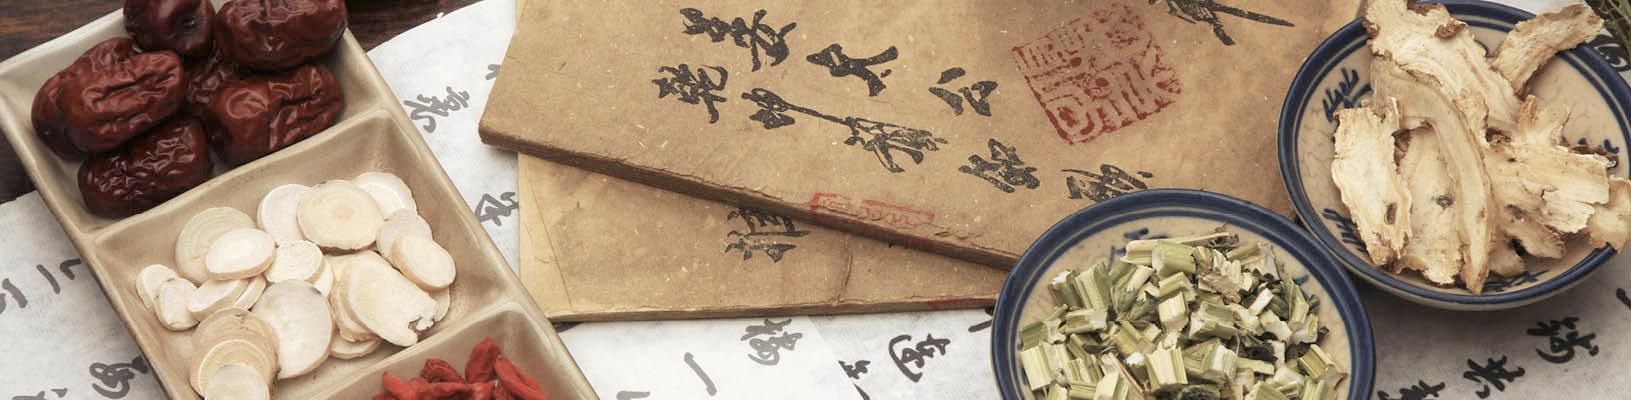 Traditonele Chinese Geneeskunde